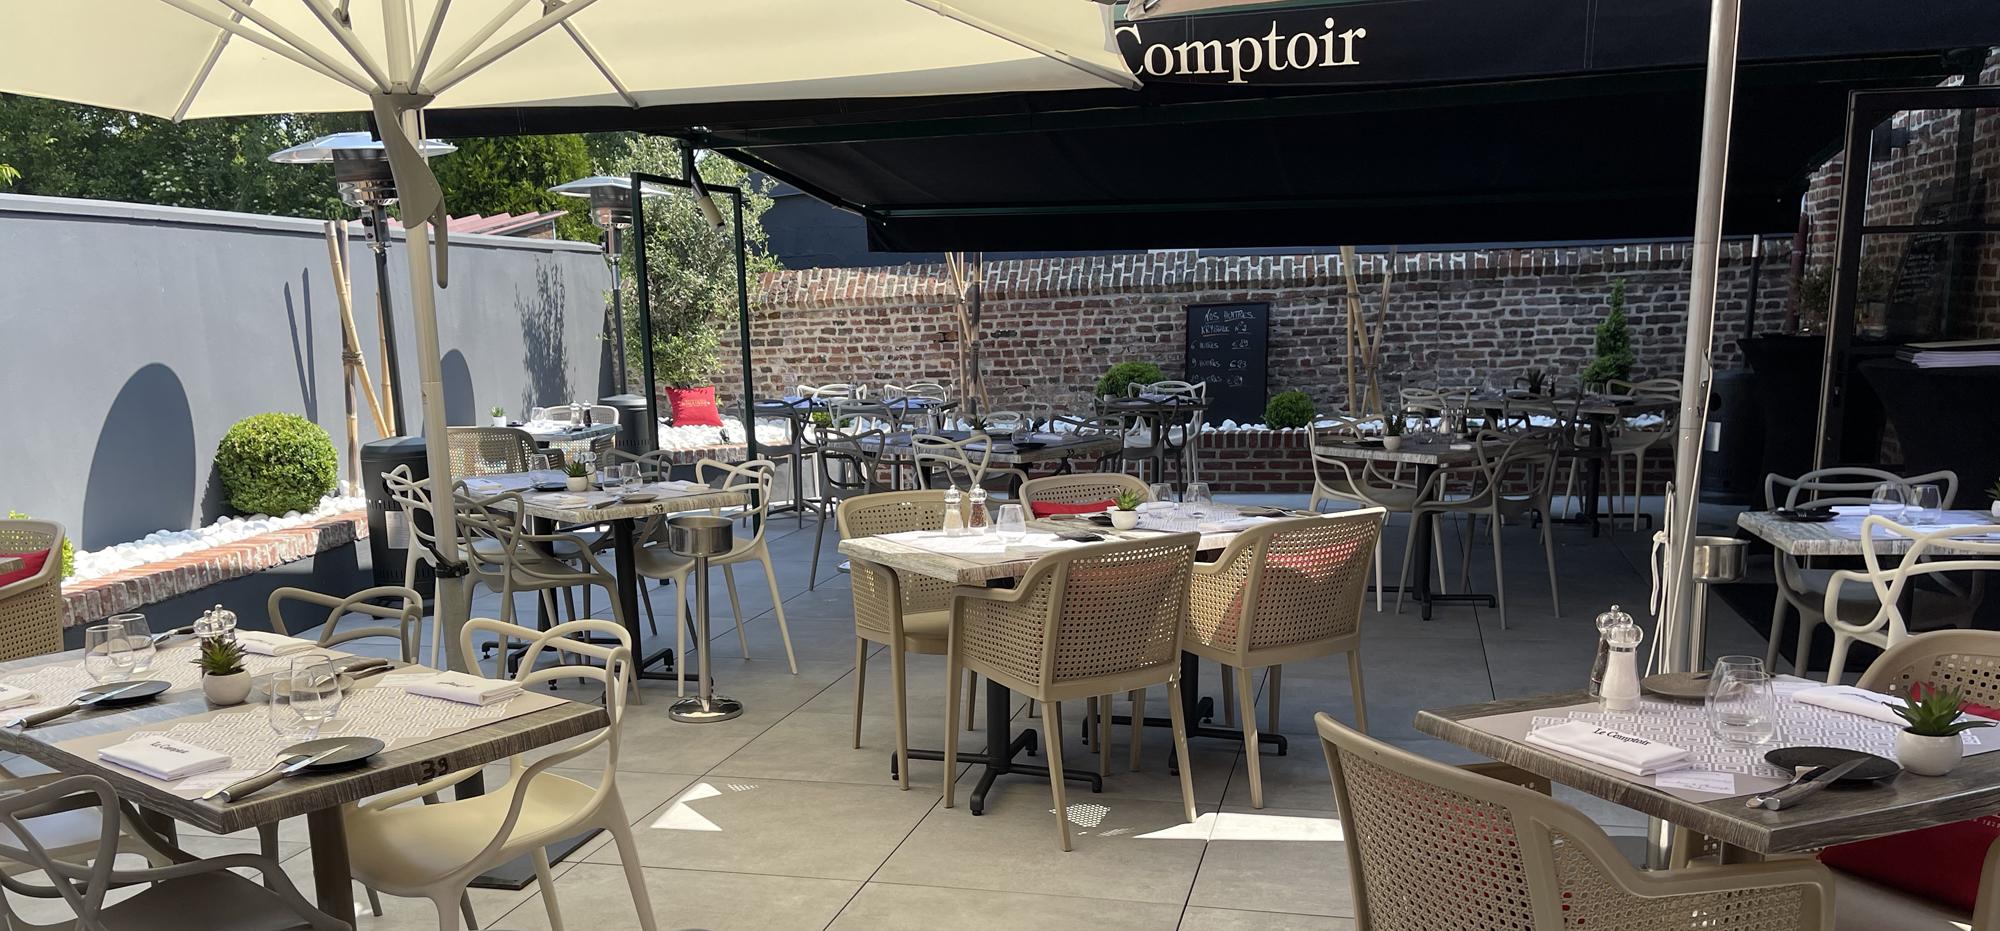 restaurant-le-comptoir-Labourse_slide_terasse